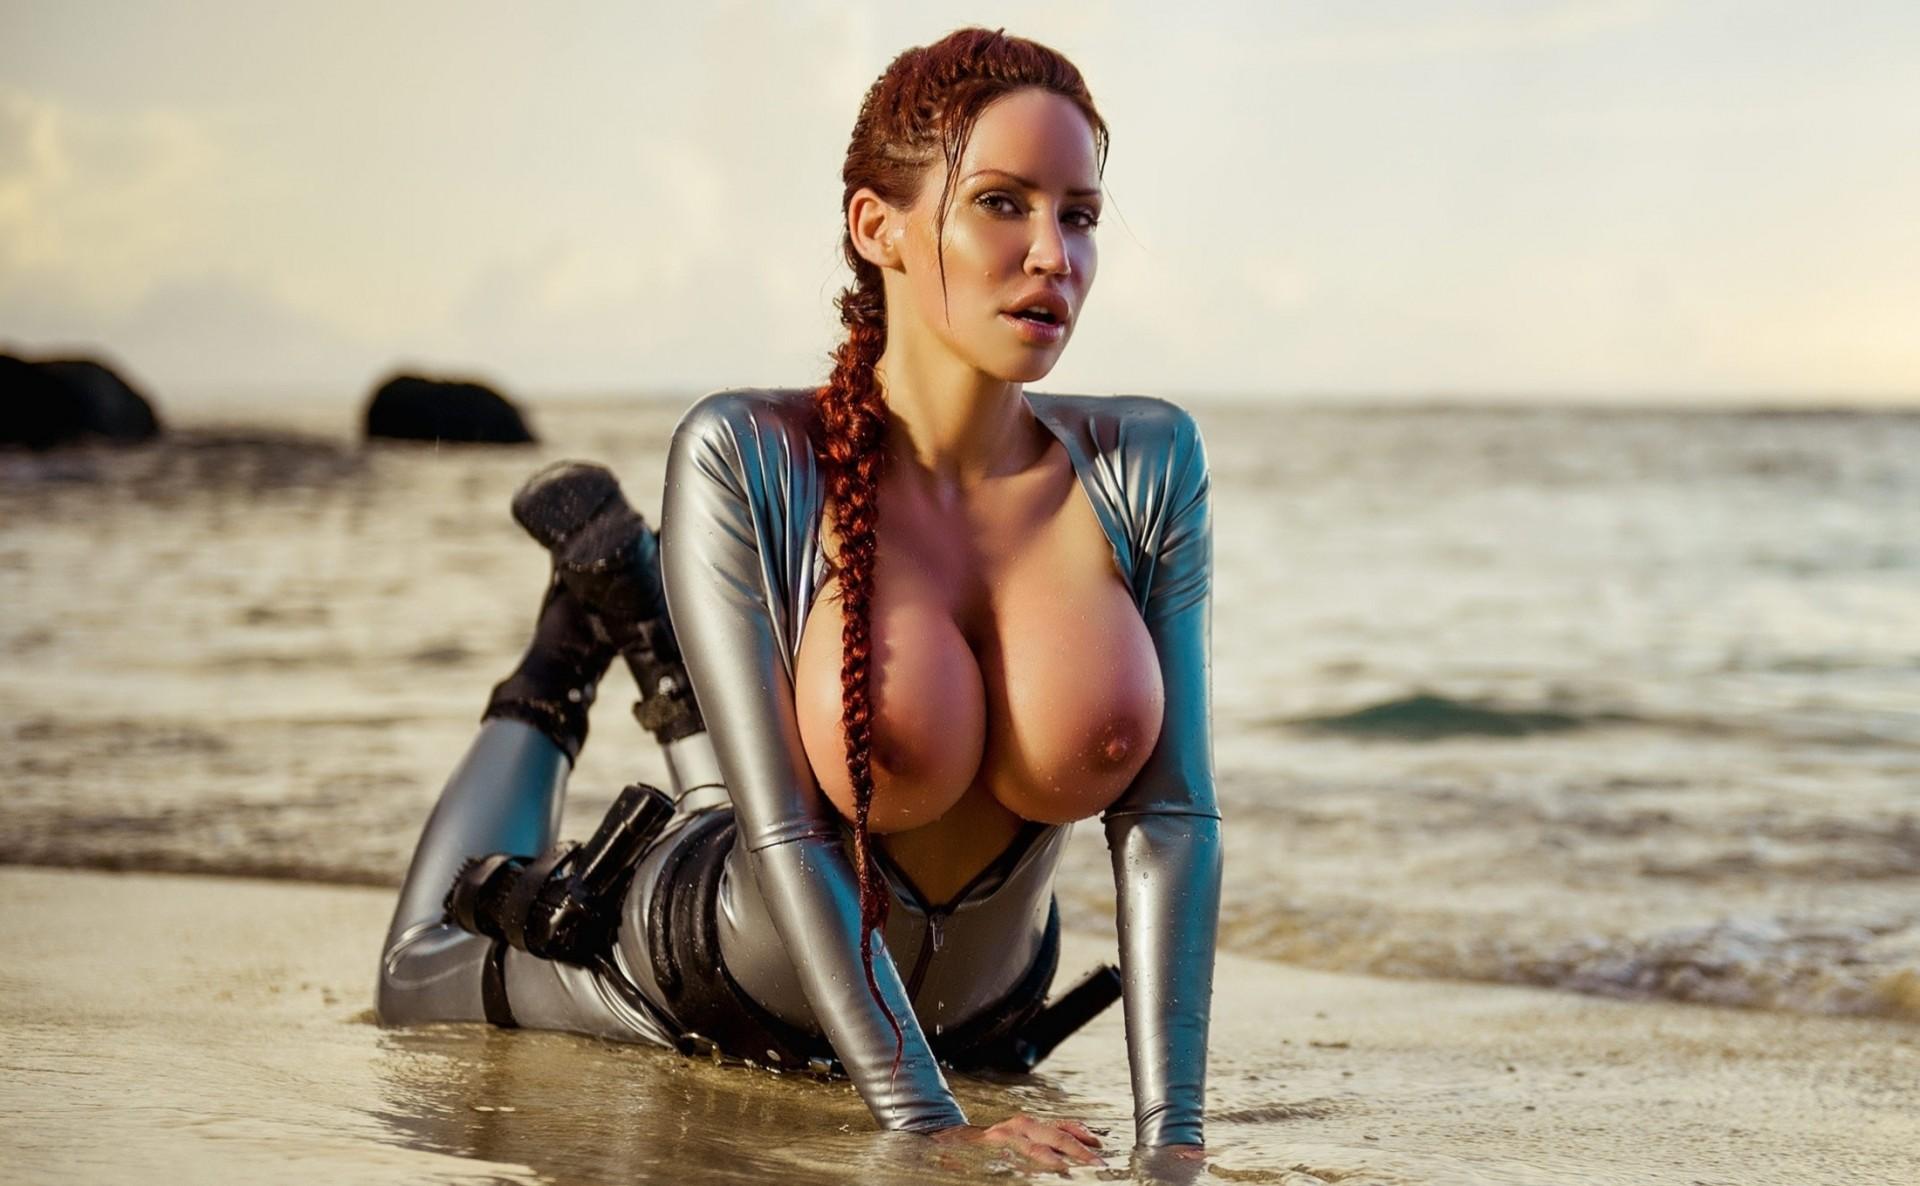 Гигантская грудь синие чулки, красивые и большие груди